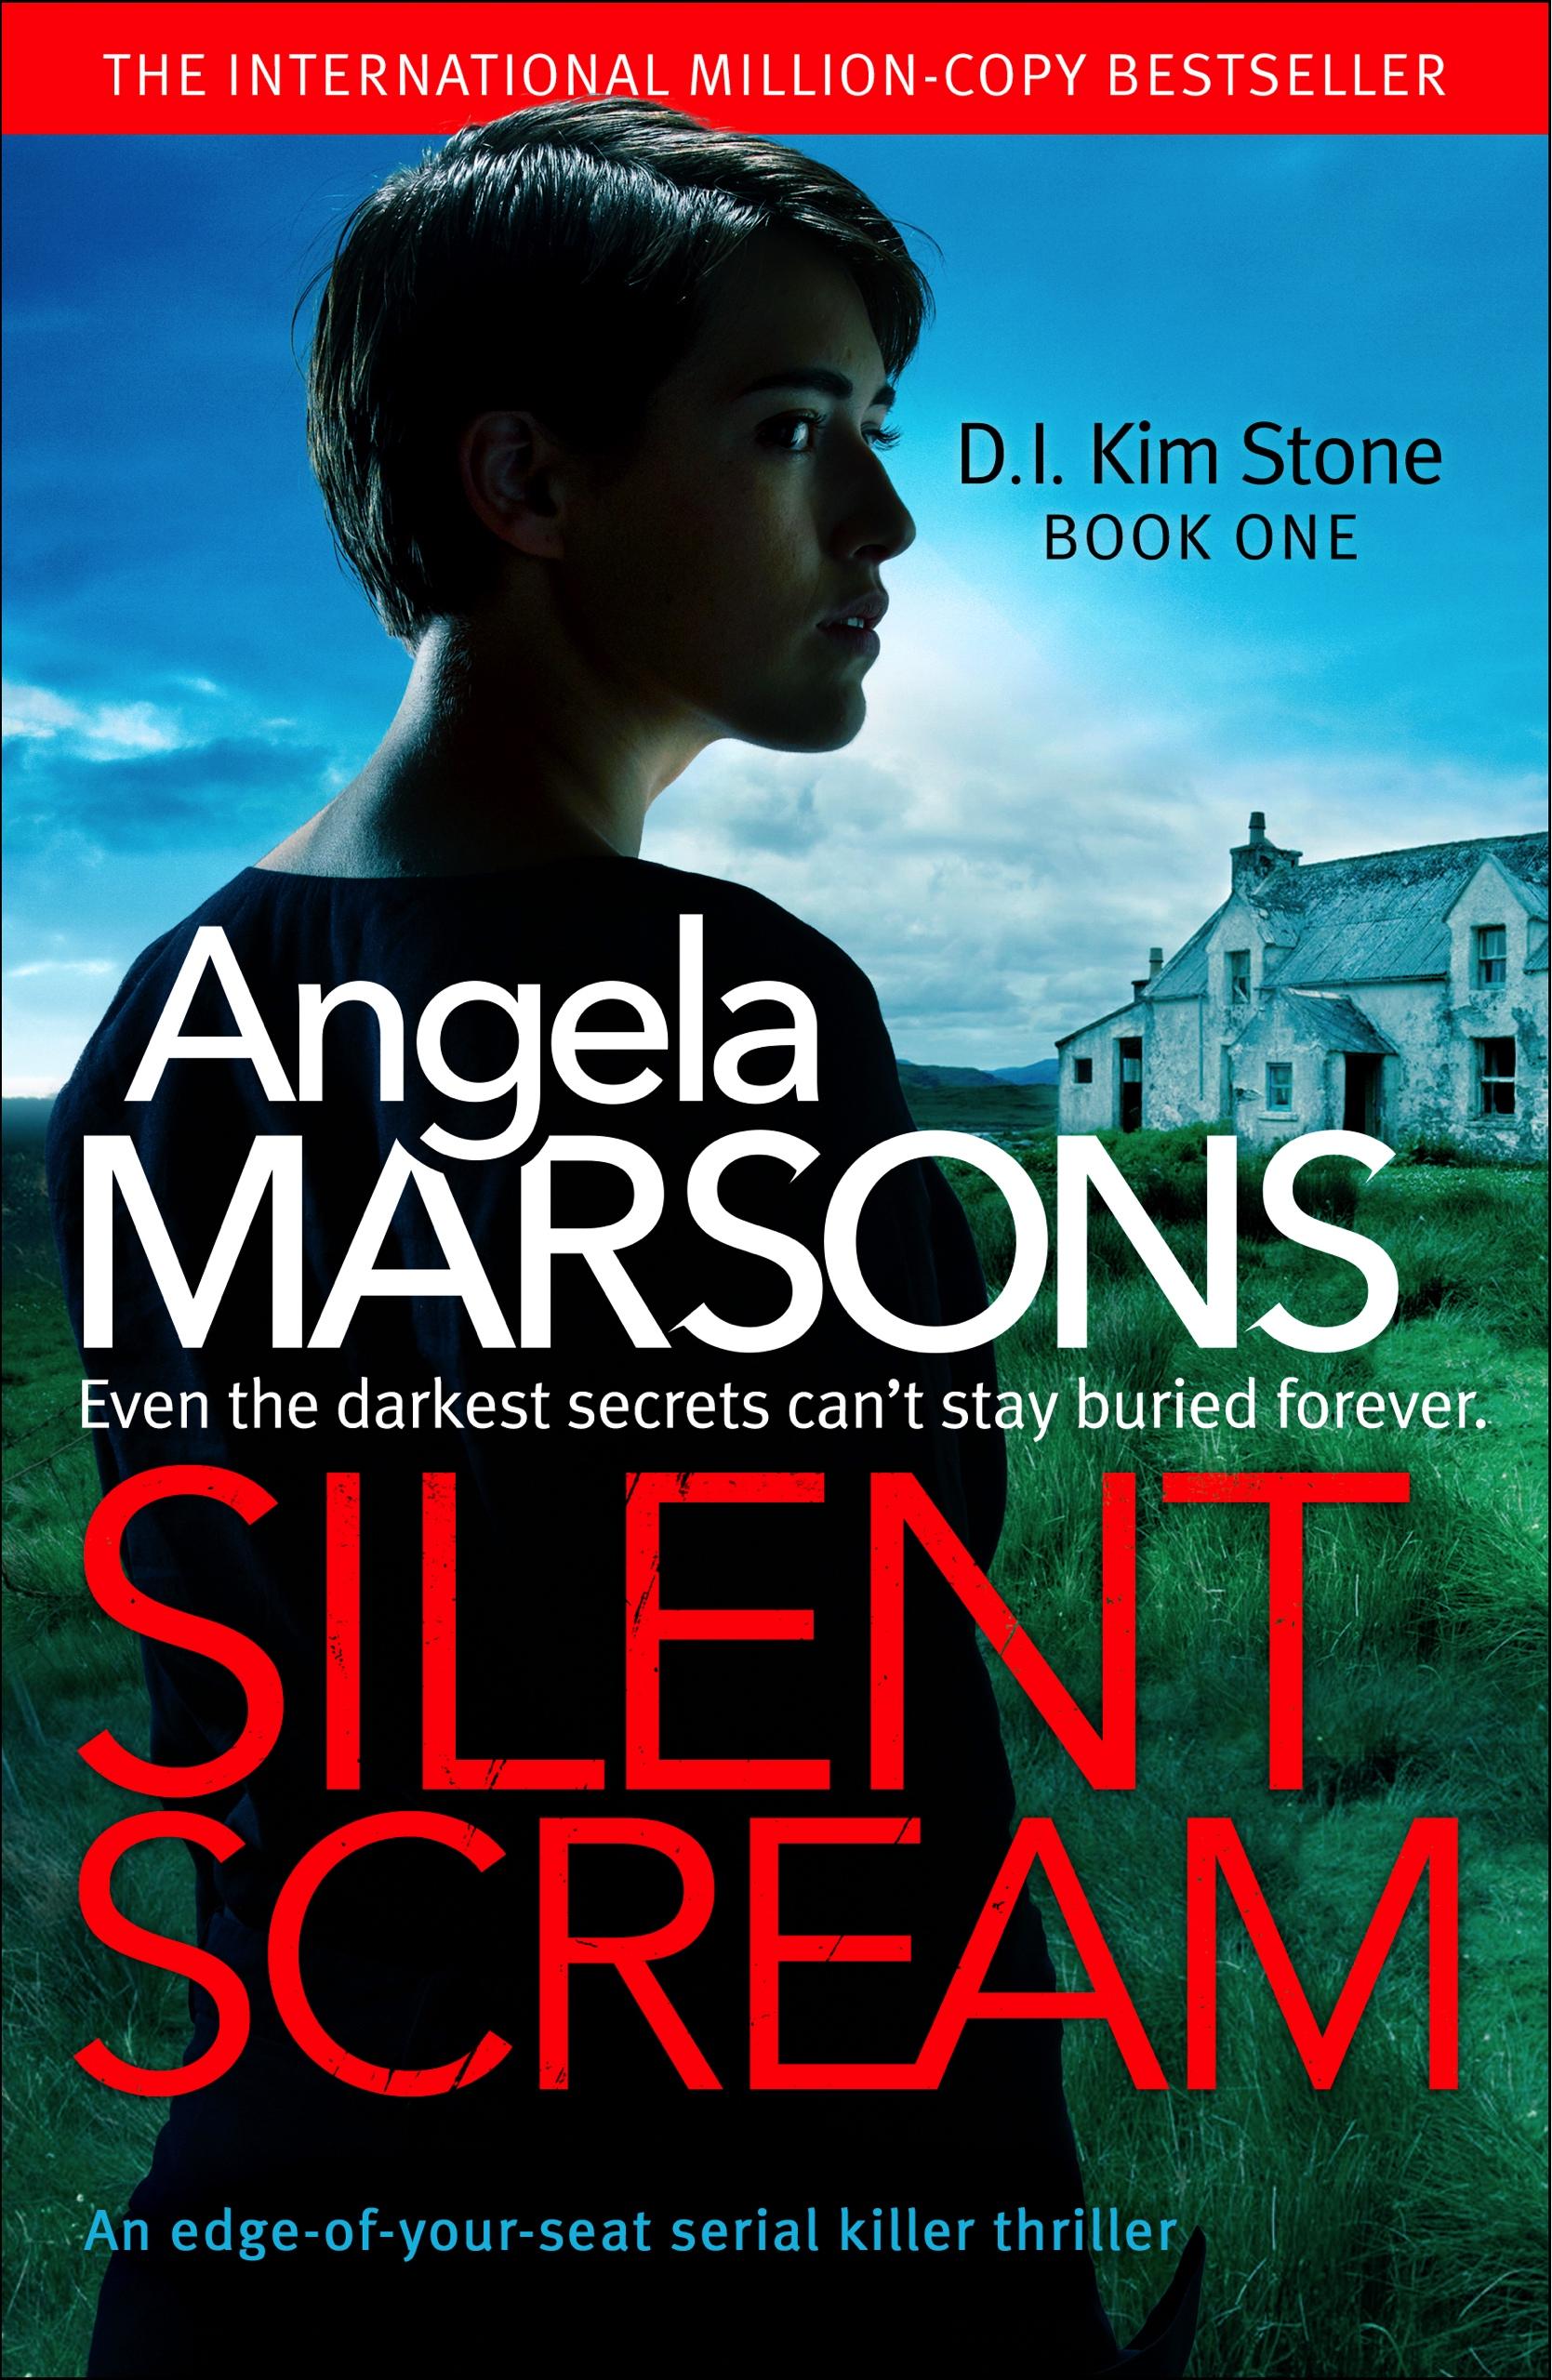 Silent Scream (D.I. Kim Stone, #1)